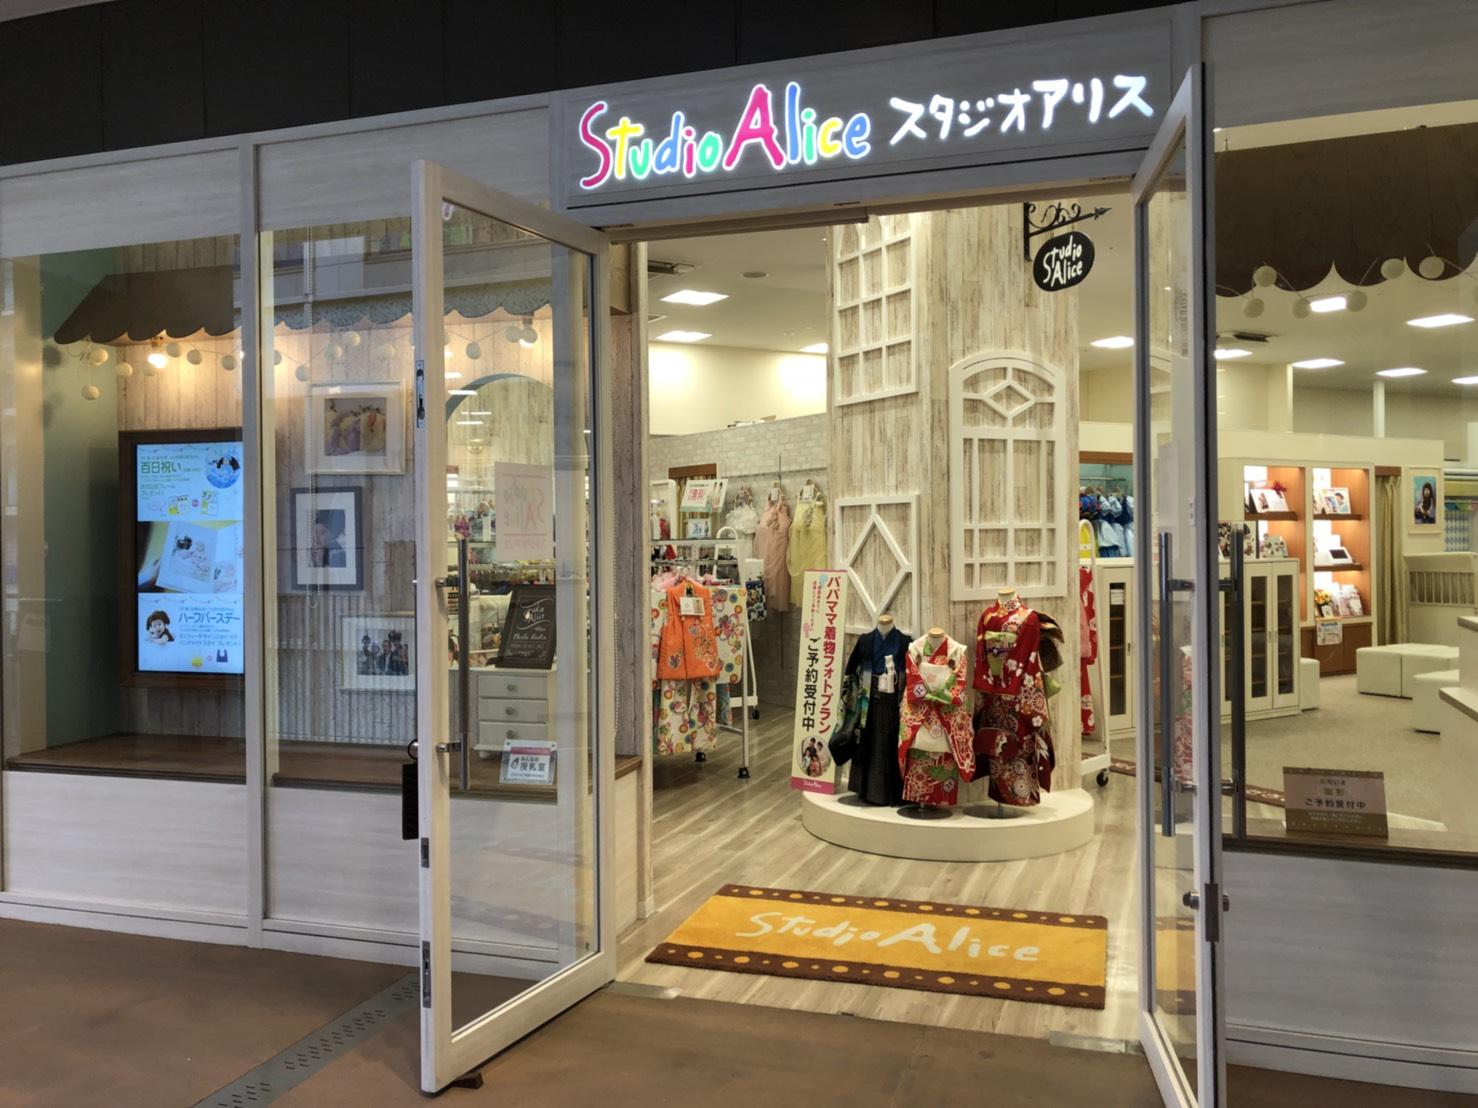 スタジオアリスパサージオ西新井店